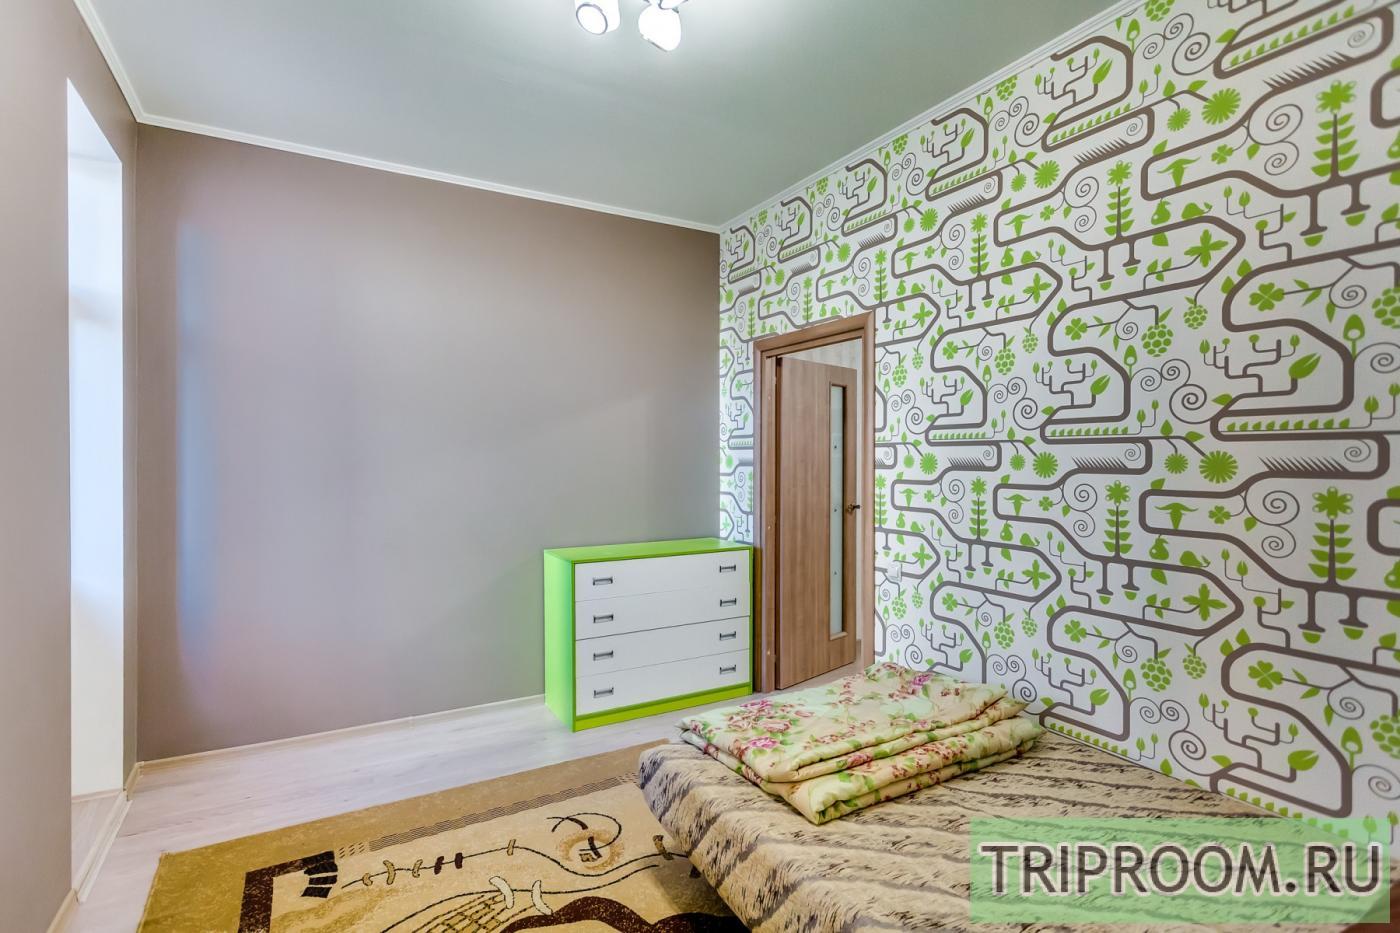 3-комнатная квартира посуточно (вариант № 23511), ул. Красноармейская улица, фото № 5